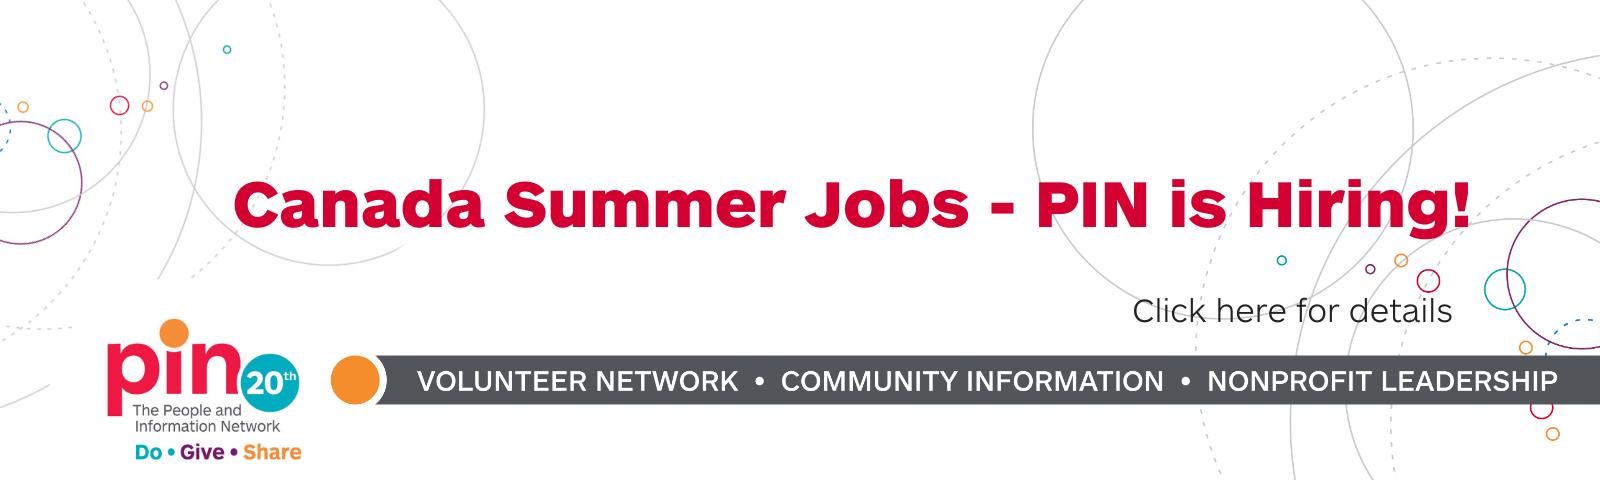 Hiring Canada Summer Jobs